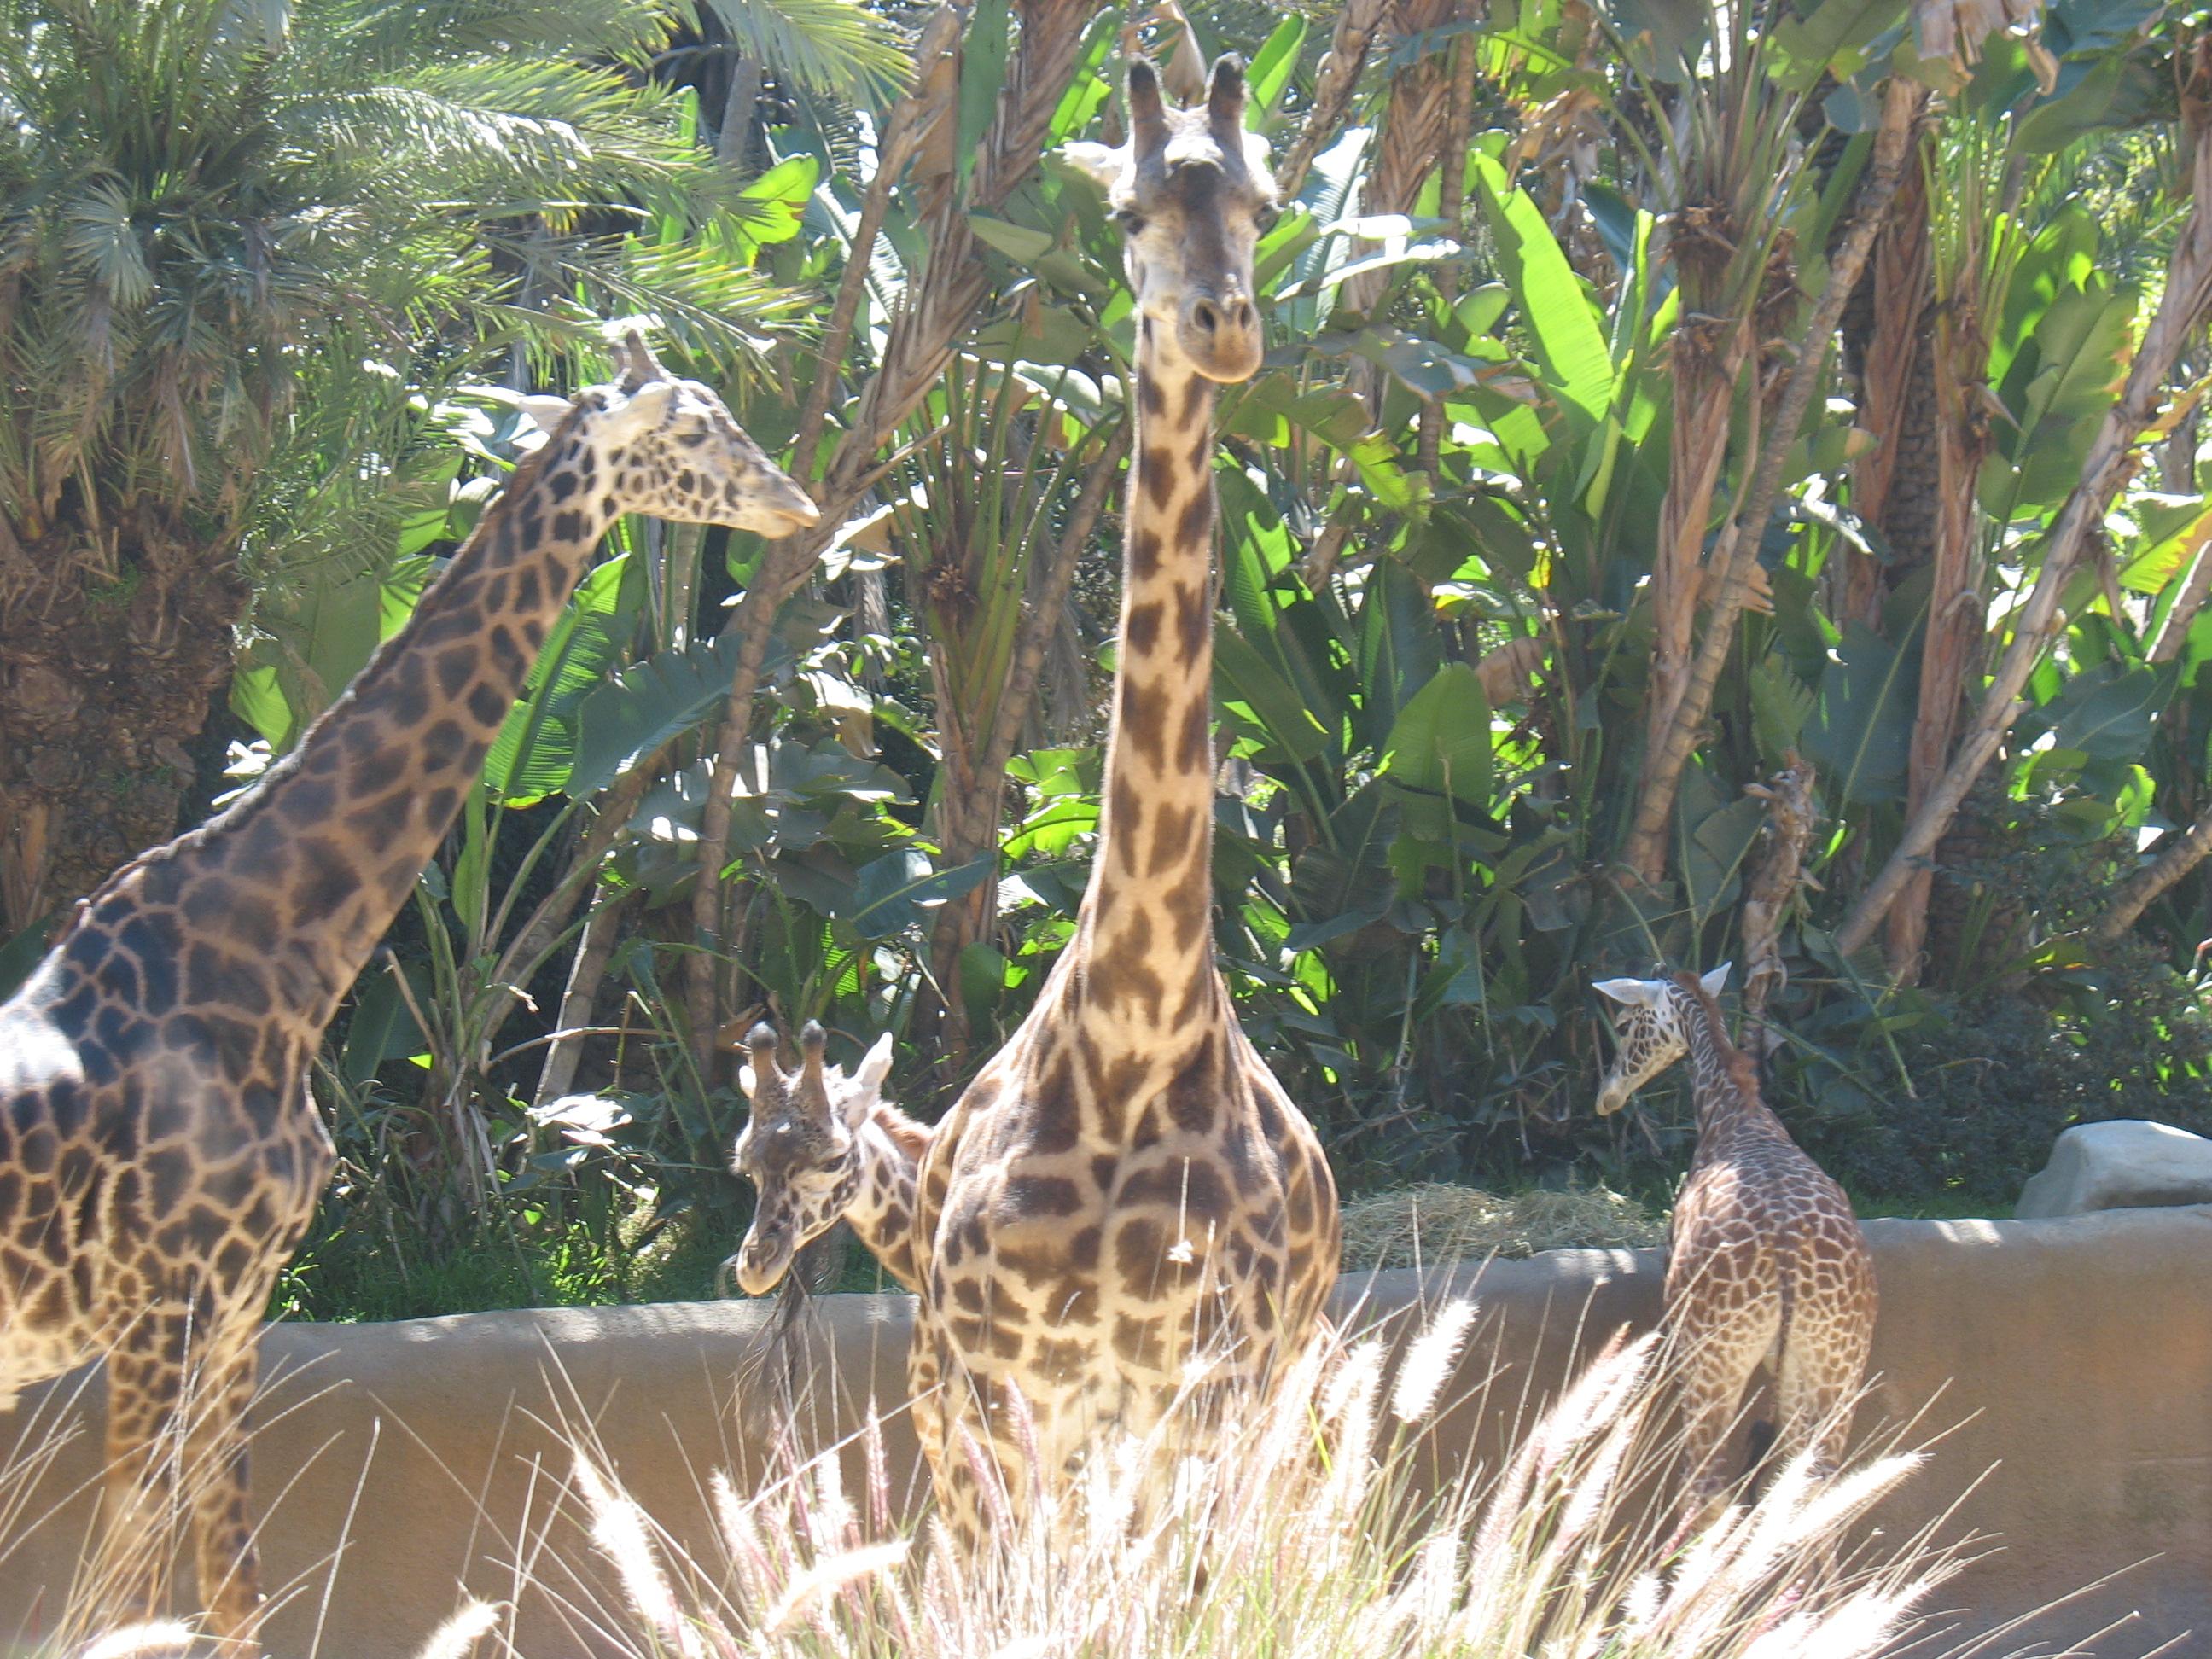 img_3223.jpg - Giraffes